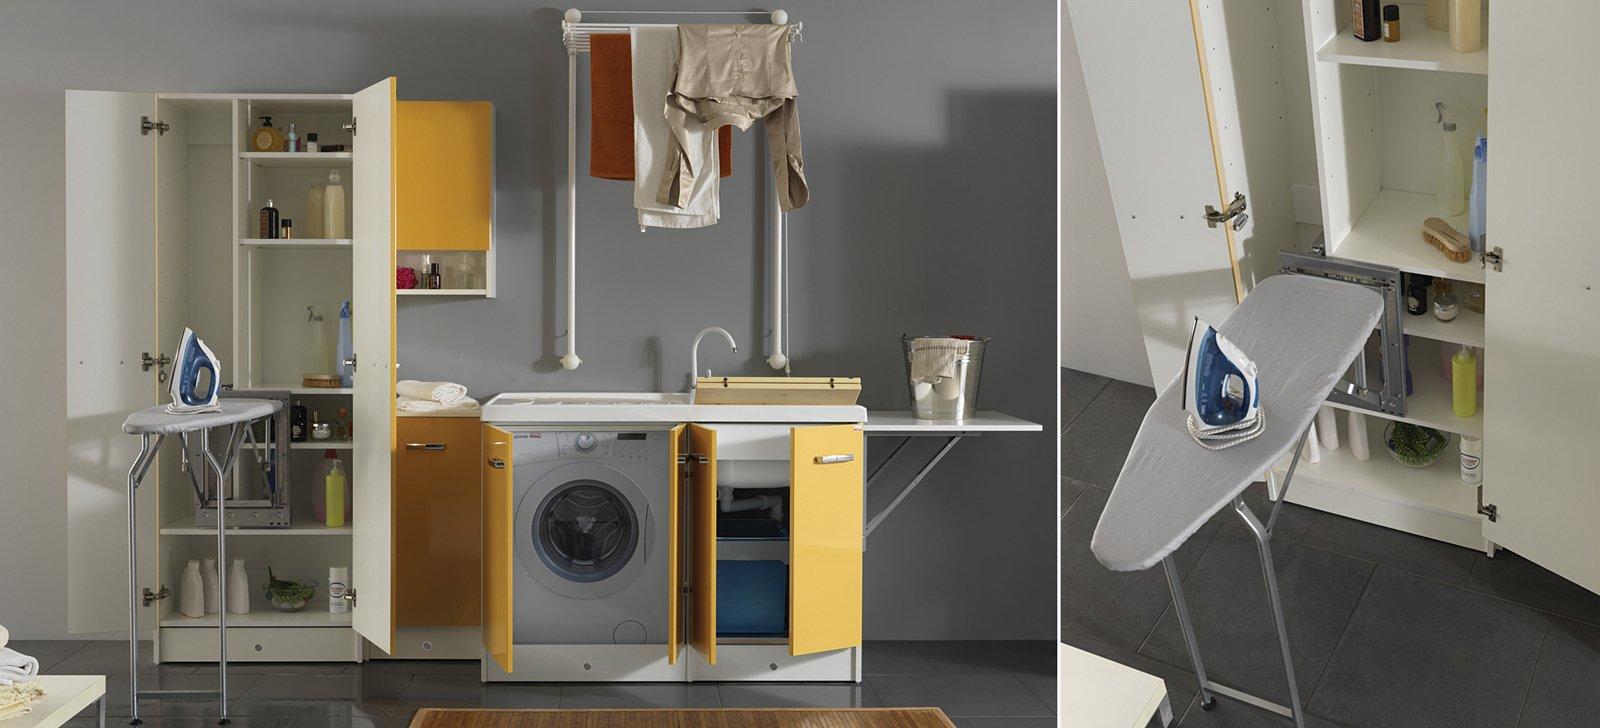 Lavanderia stireria tutto quel che serve cose di casa - Asse da bagno ...